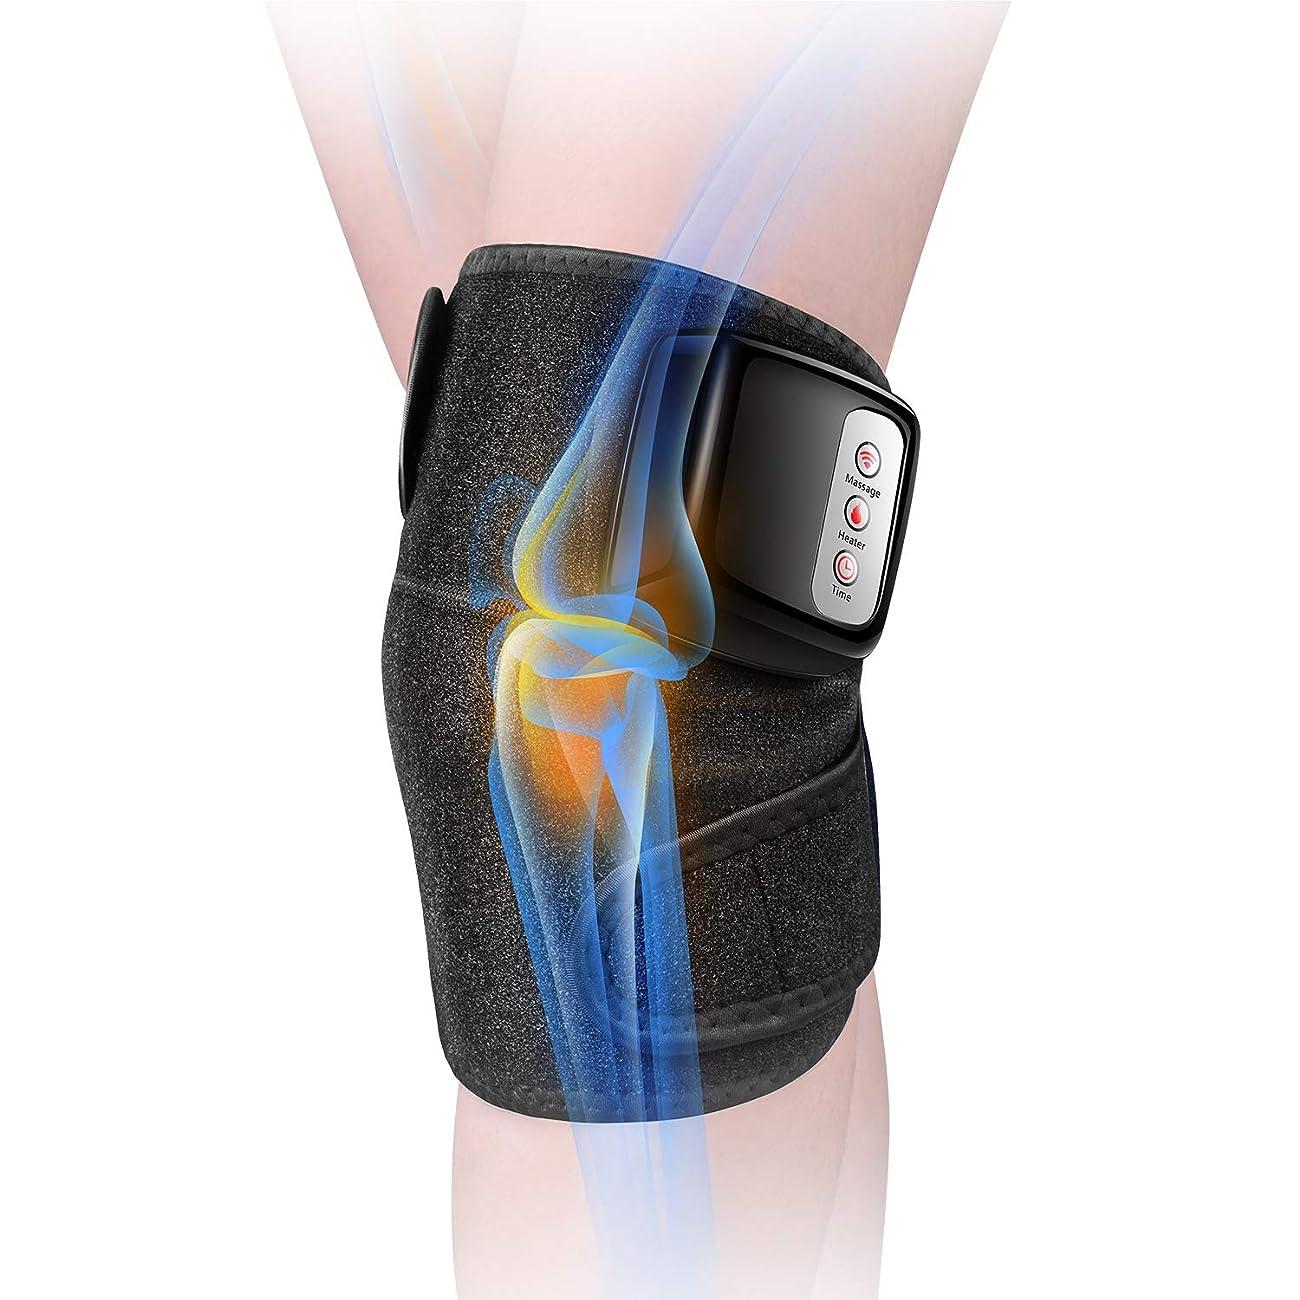 変更可能交換憂慮すべき膝マッサージャー 関節マッサージャー マッサージ器 フットマッサージャー 振動 赤外線療法 温熱療法 膝サポーター ストレス解消 肩 太もも/腕対応